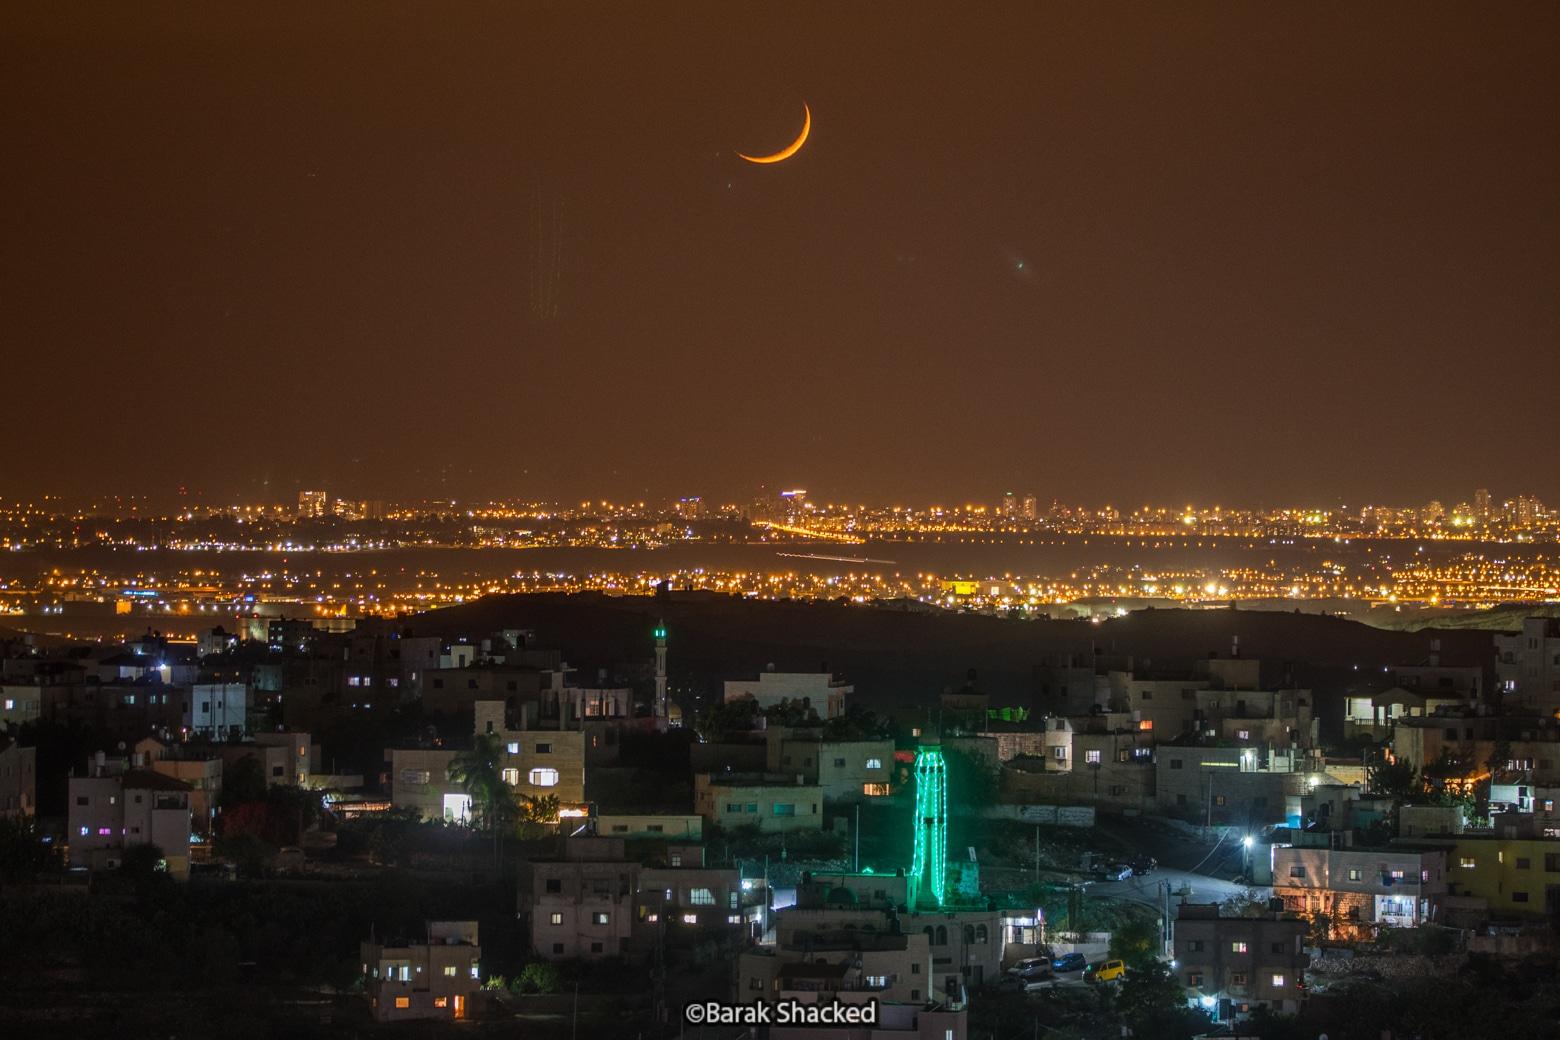 צילום ירח מעל מסגד